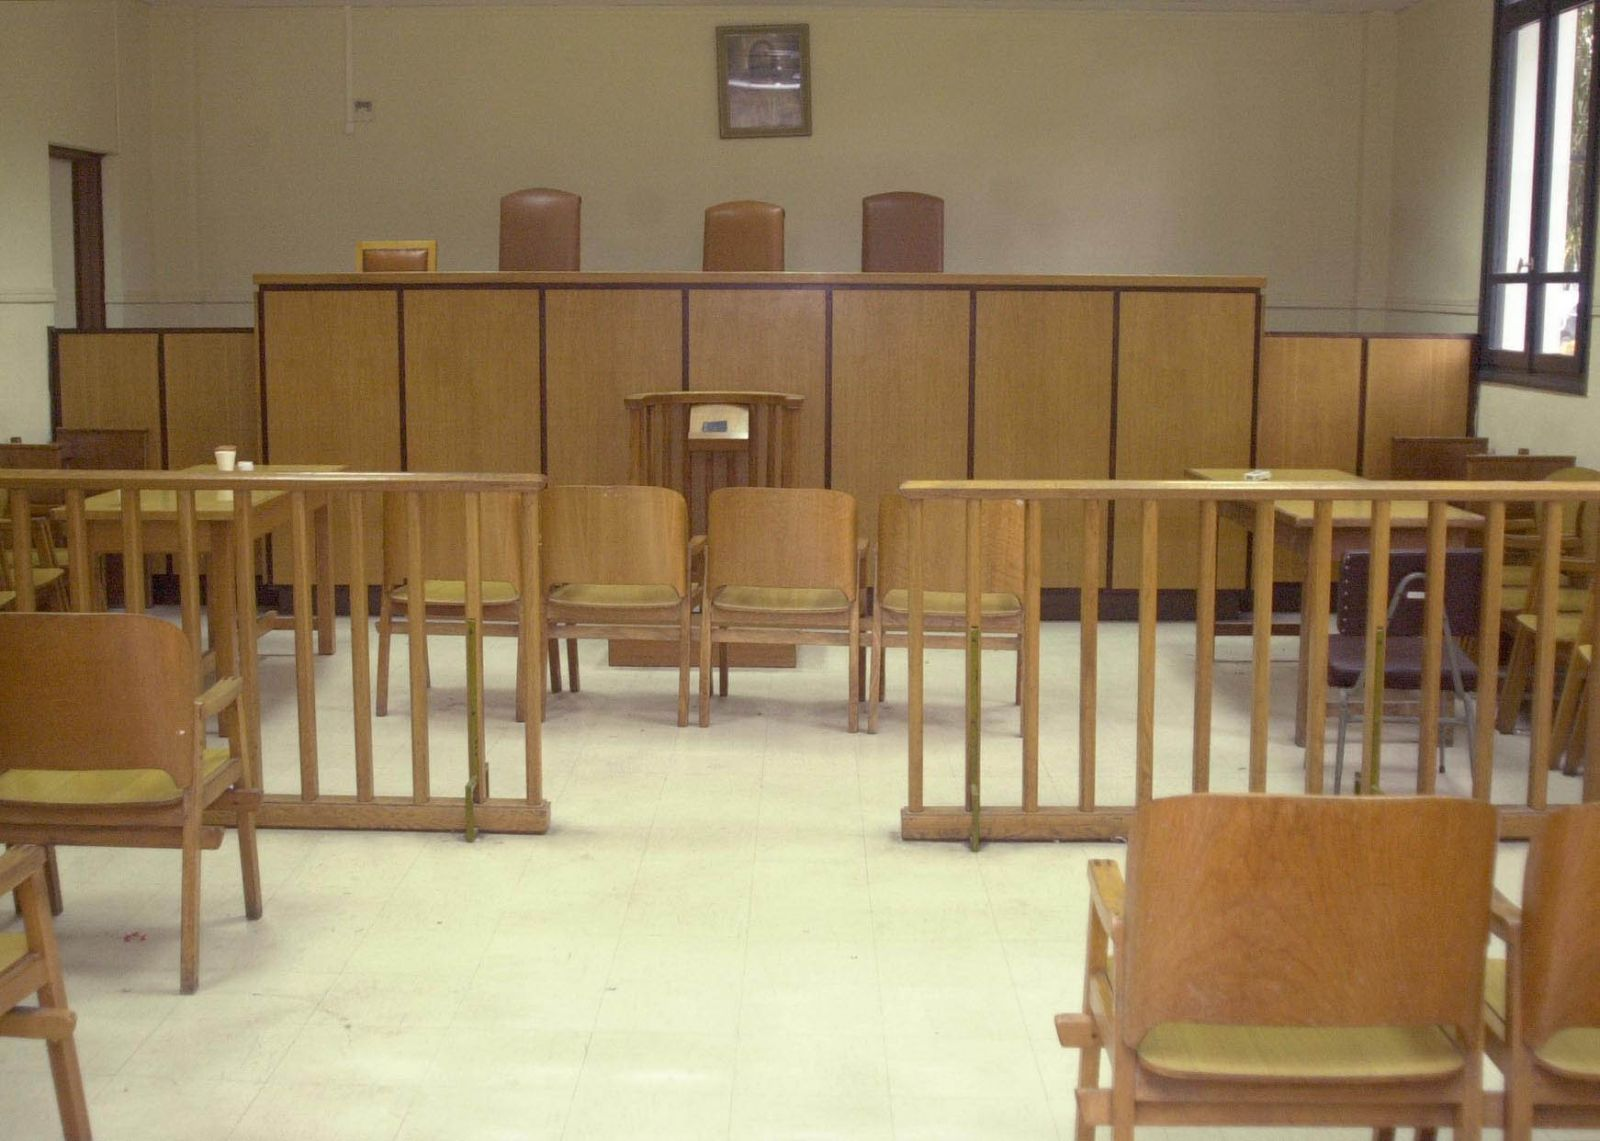 Η απόφαση του Εφετείου Αιγαίου για την μείωση των ποινών των κατηγορουμένων για το Οικ. Σκάνδαλο στο Δήμο Μυκόνου